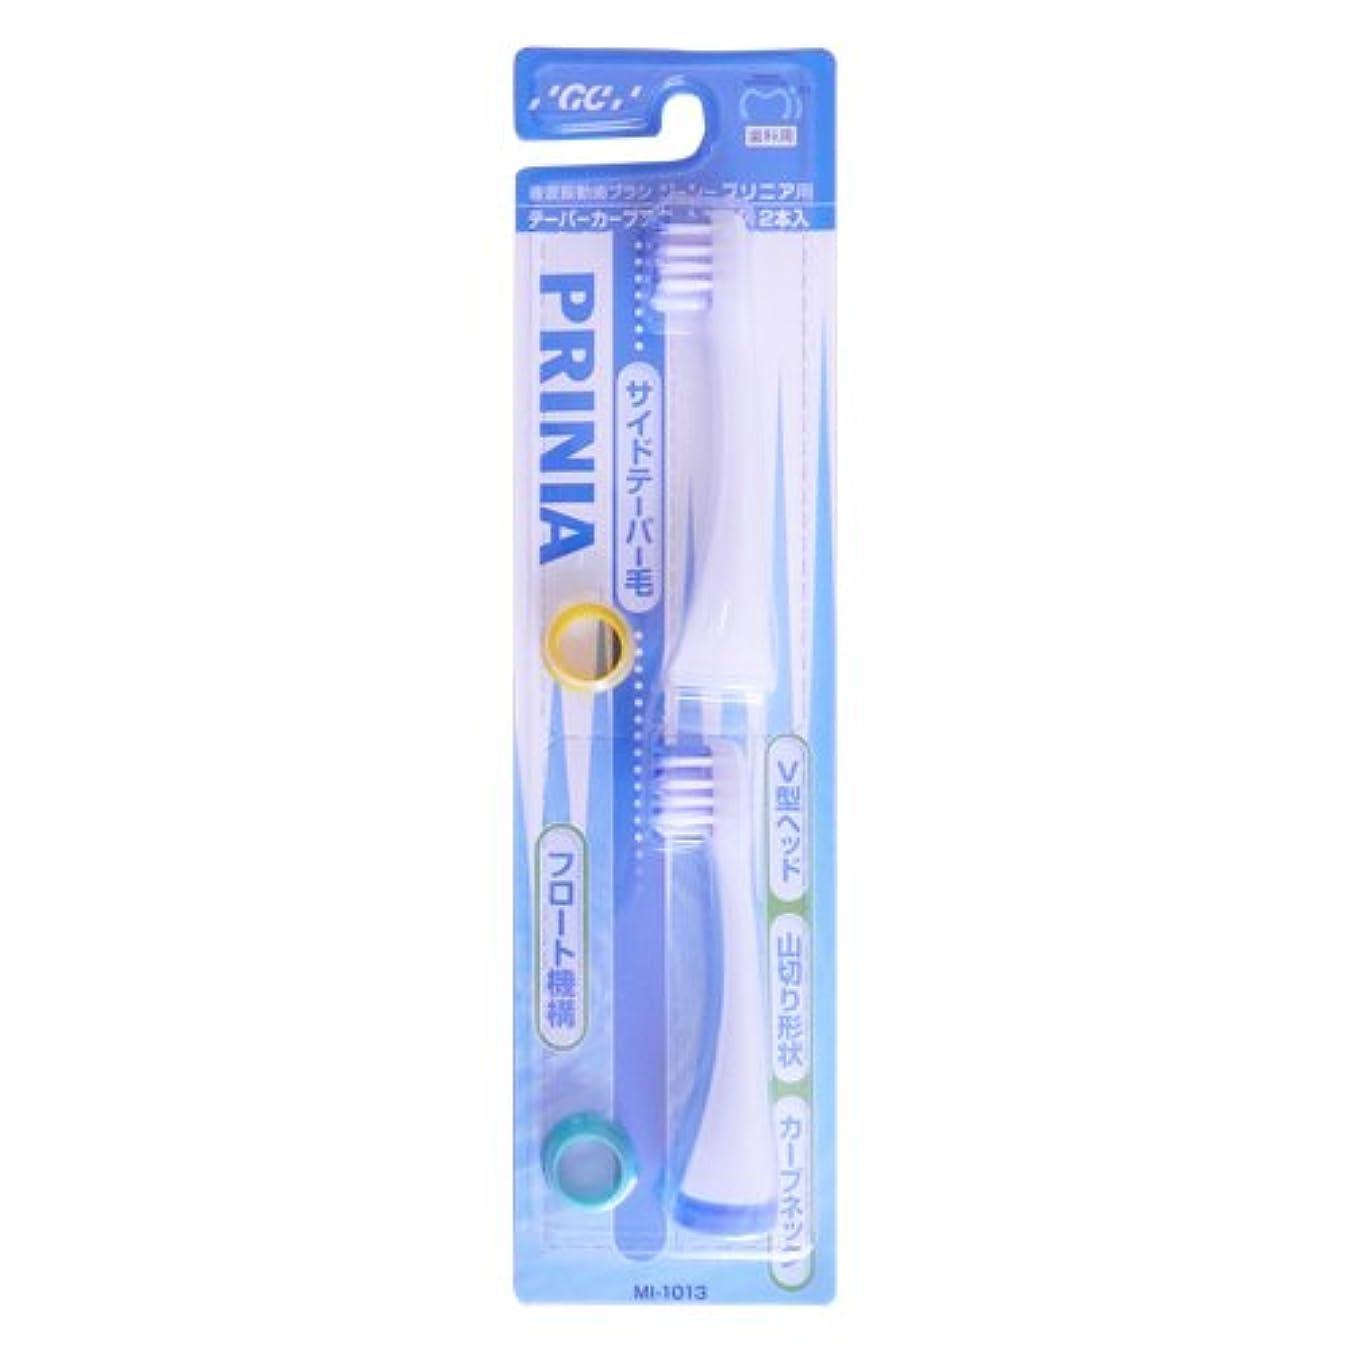 ジャンル鋭くアドバンテージジーシー(GC) 歯科用 プリニア用 テーパーカーブフロートブラシ 2本入 替ブラシ ブルー